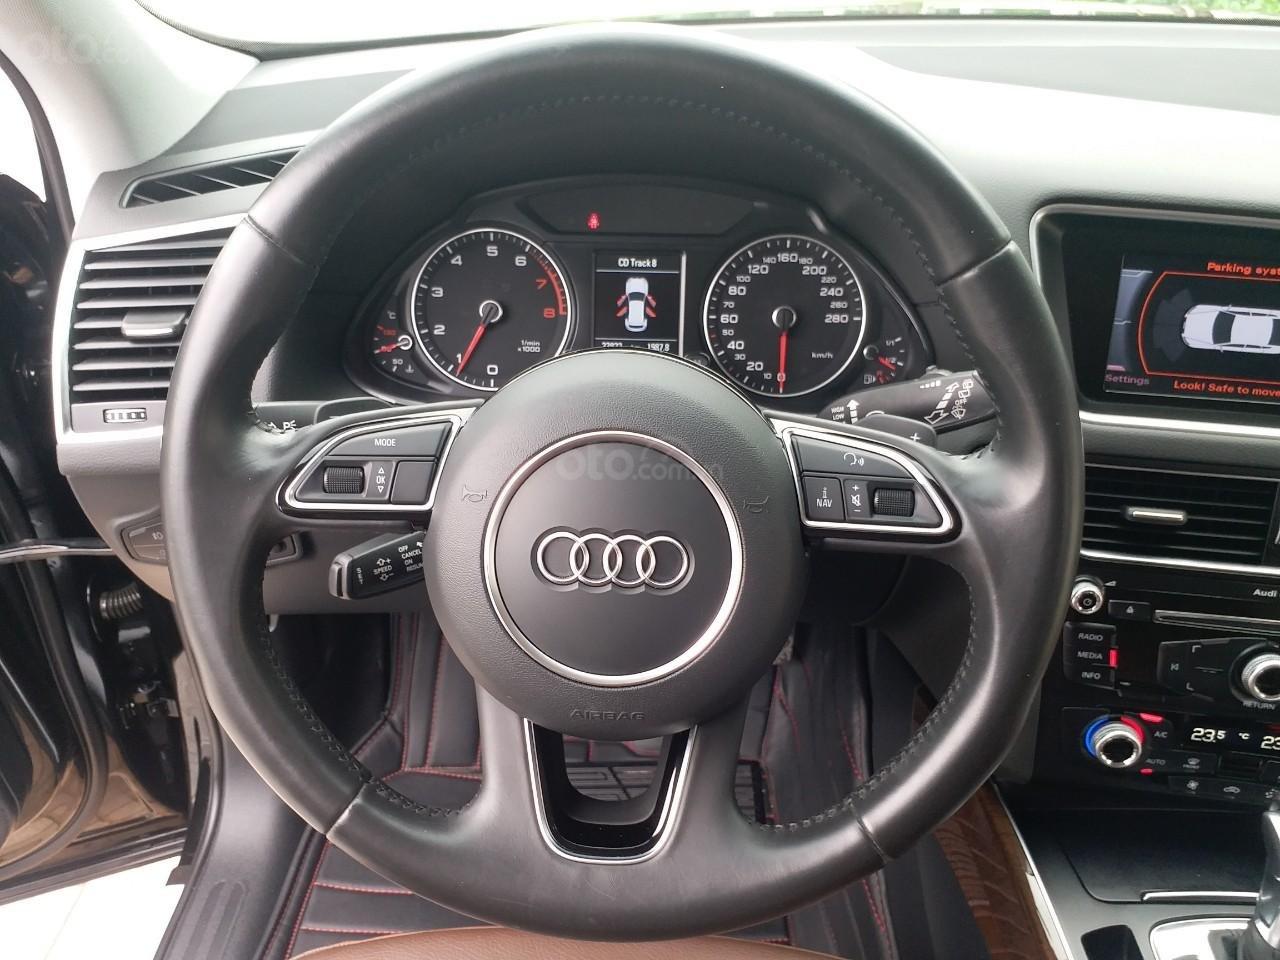 Bán Audi Q5 2.0 TFSI màu đen/ nâu, sản xuất cuối 2015 nhập Đức, đăng ký 2016 tên tư nhân (10)